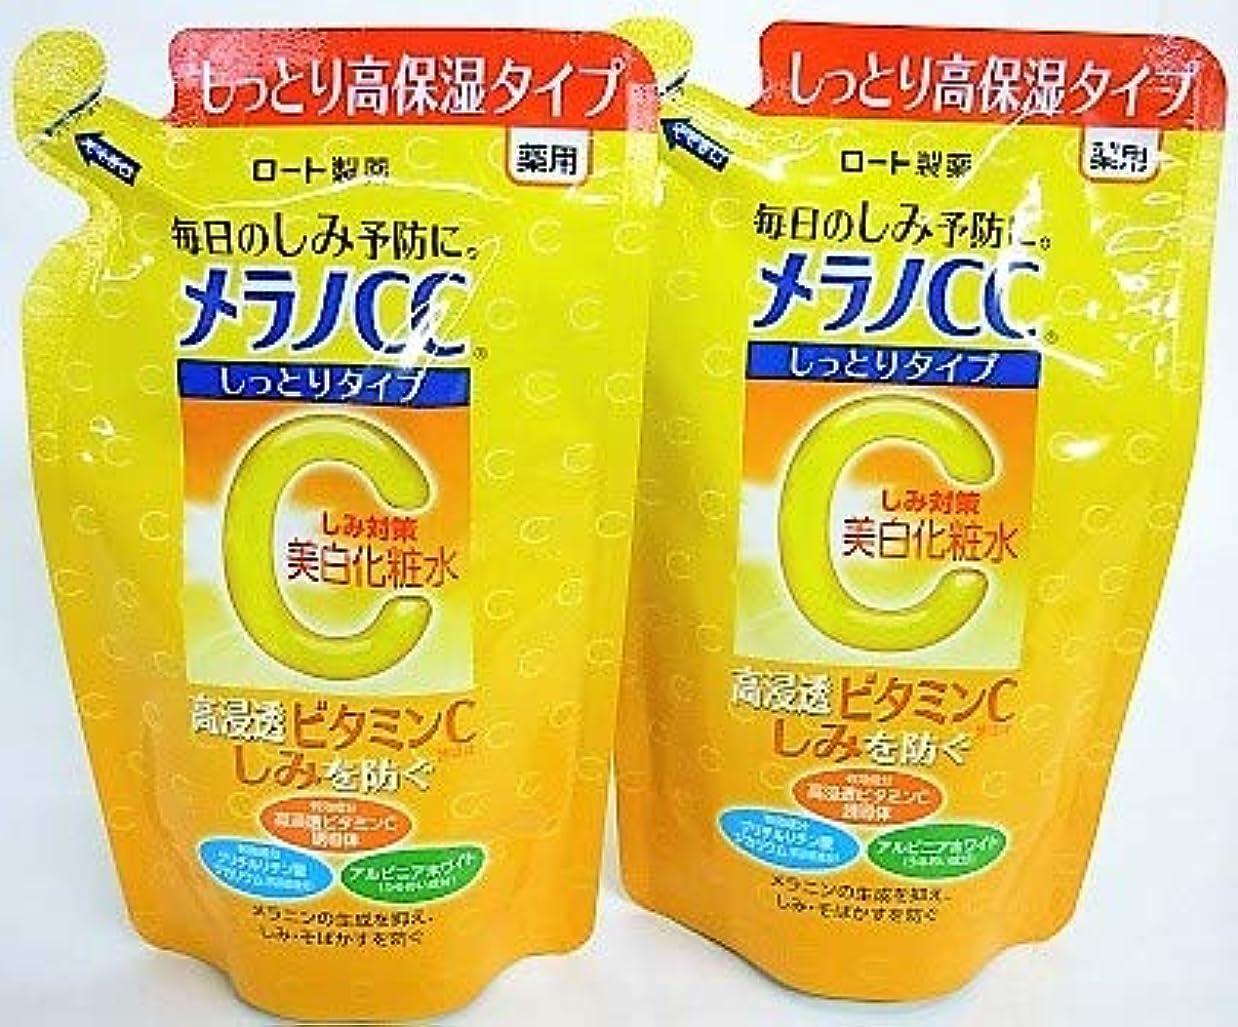 報酬団結するシンカン[2個セット]メラノCC 薬用しみ対策美白化粧水 しっとりタイプ つめかえ用 170mL入り×2個